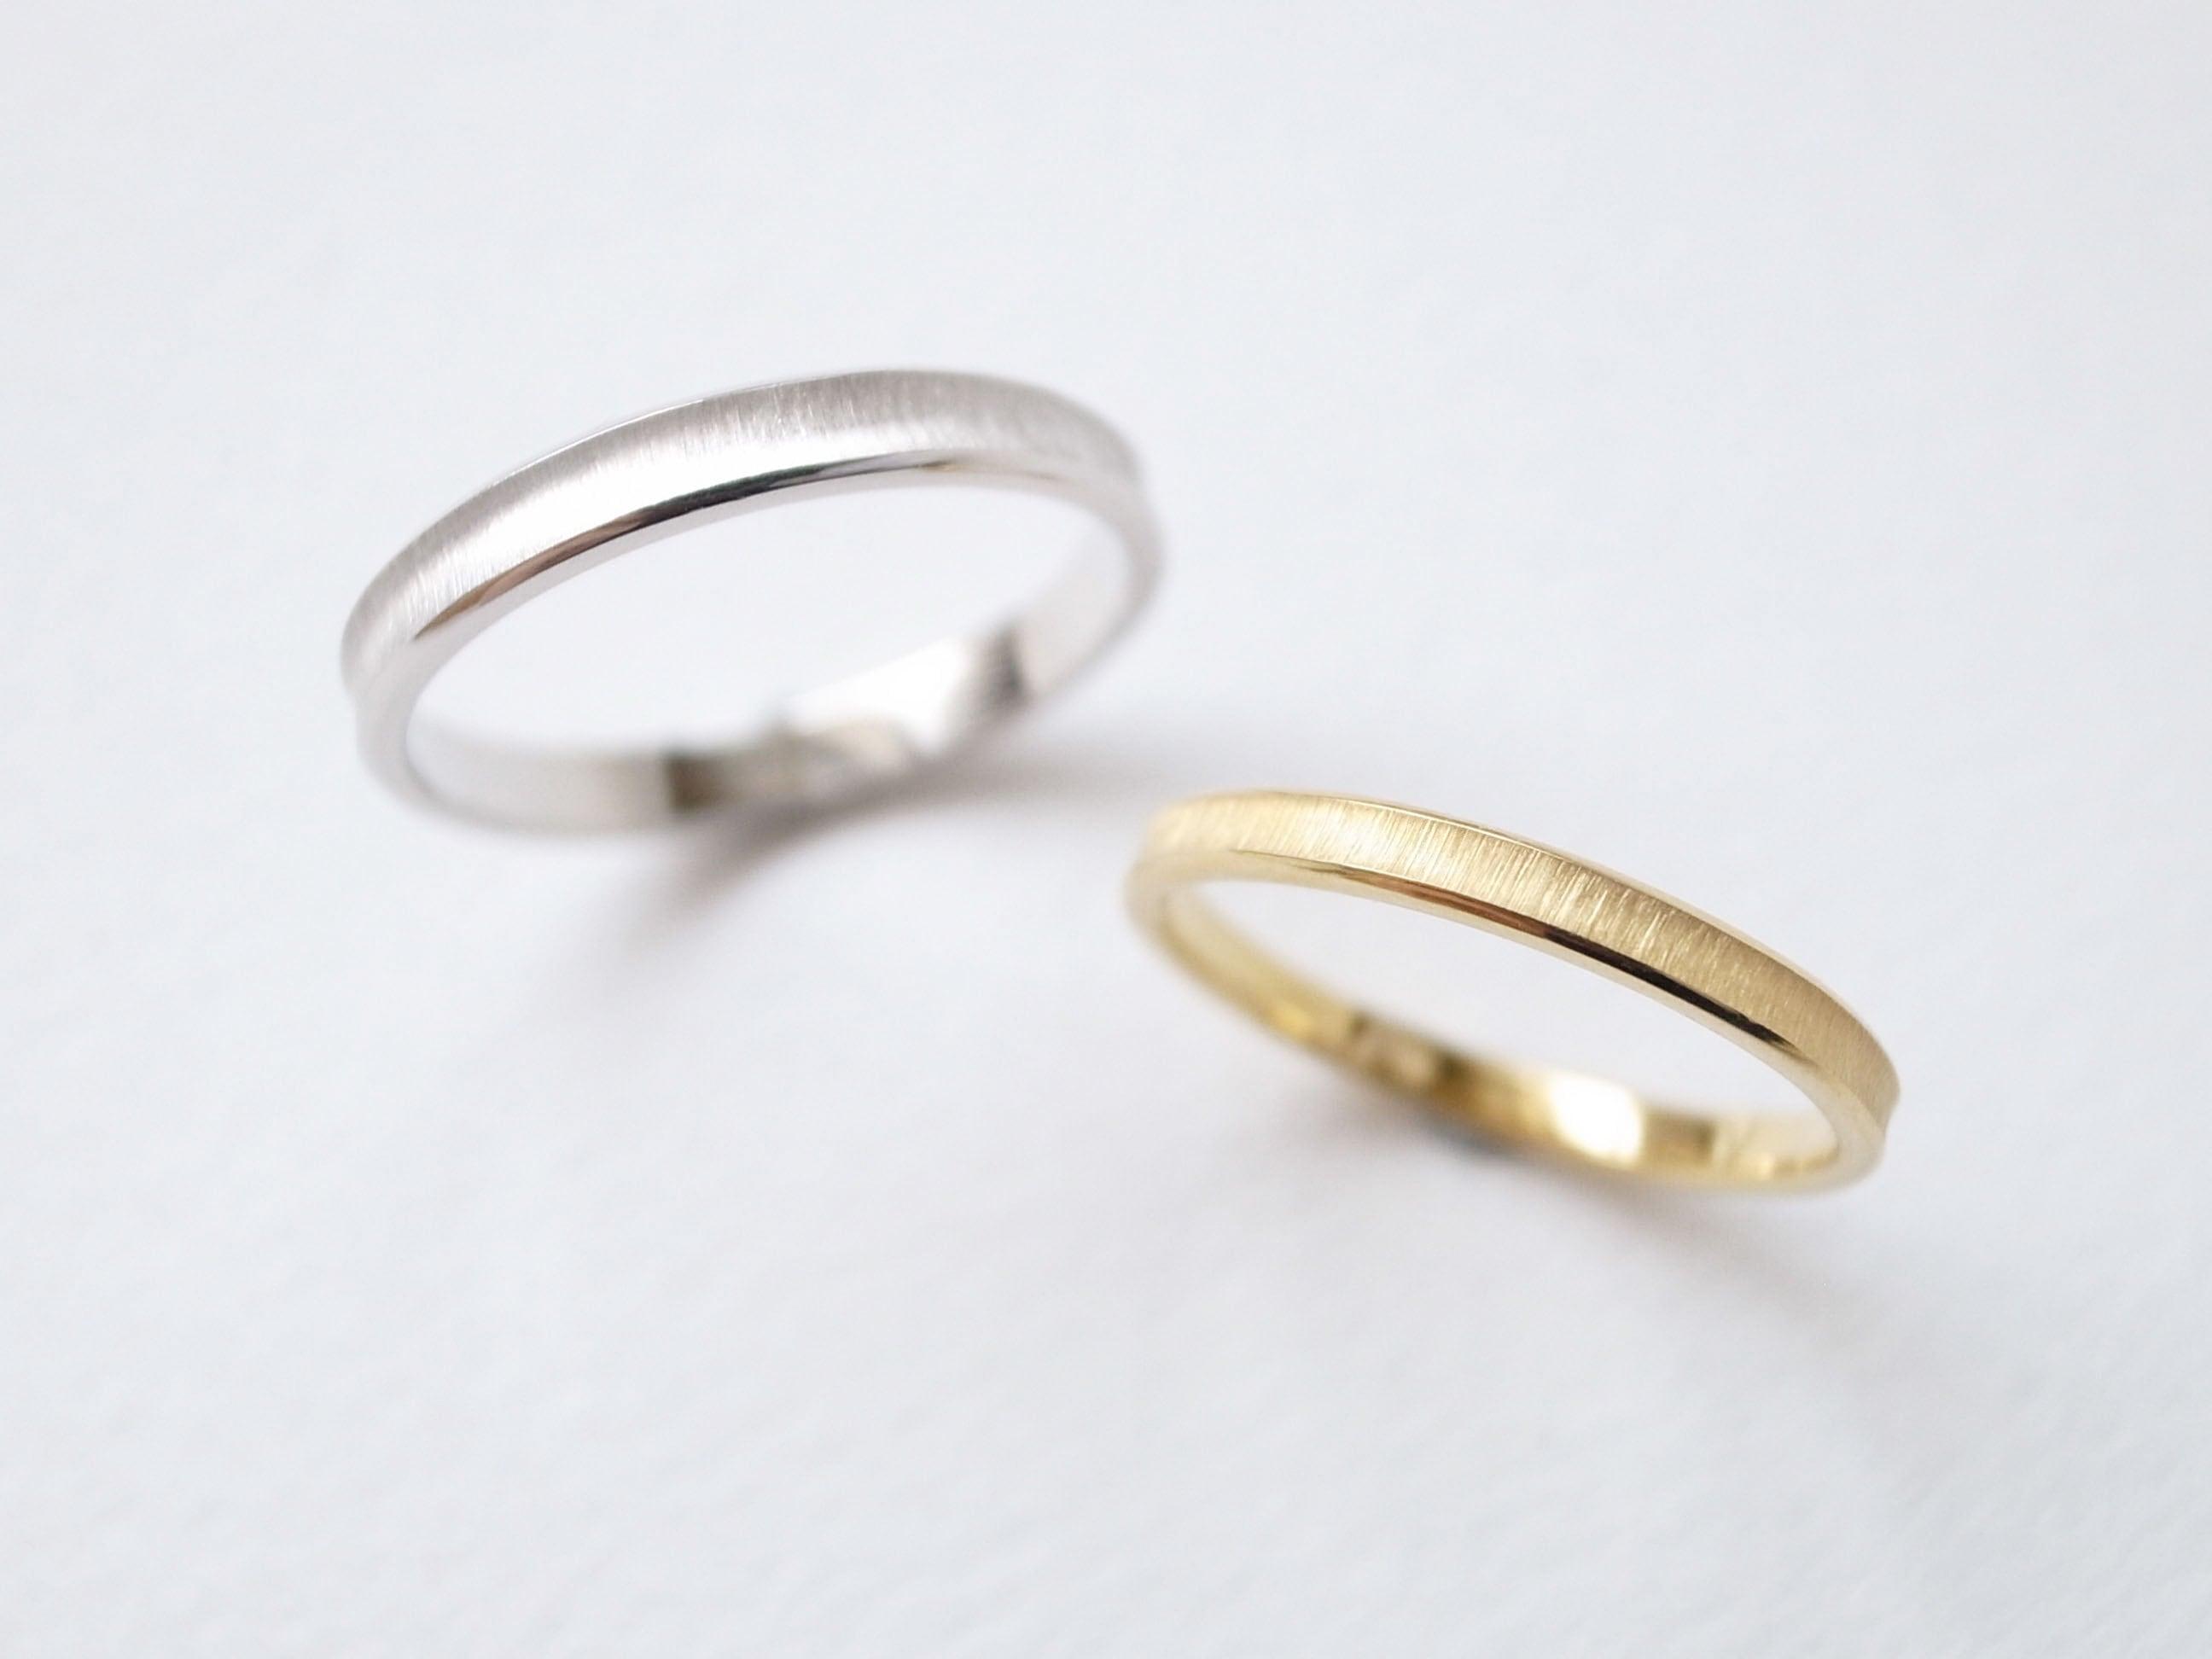 【pairing・stamp】K18YG・silver950/gloss ring